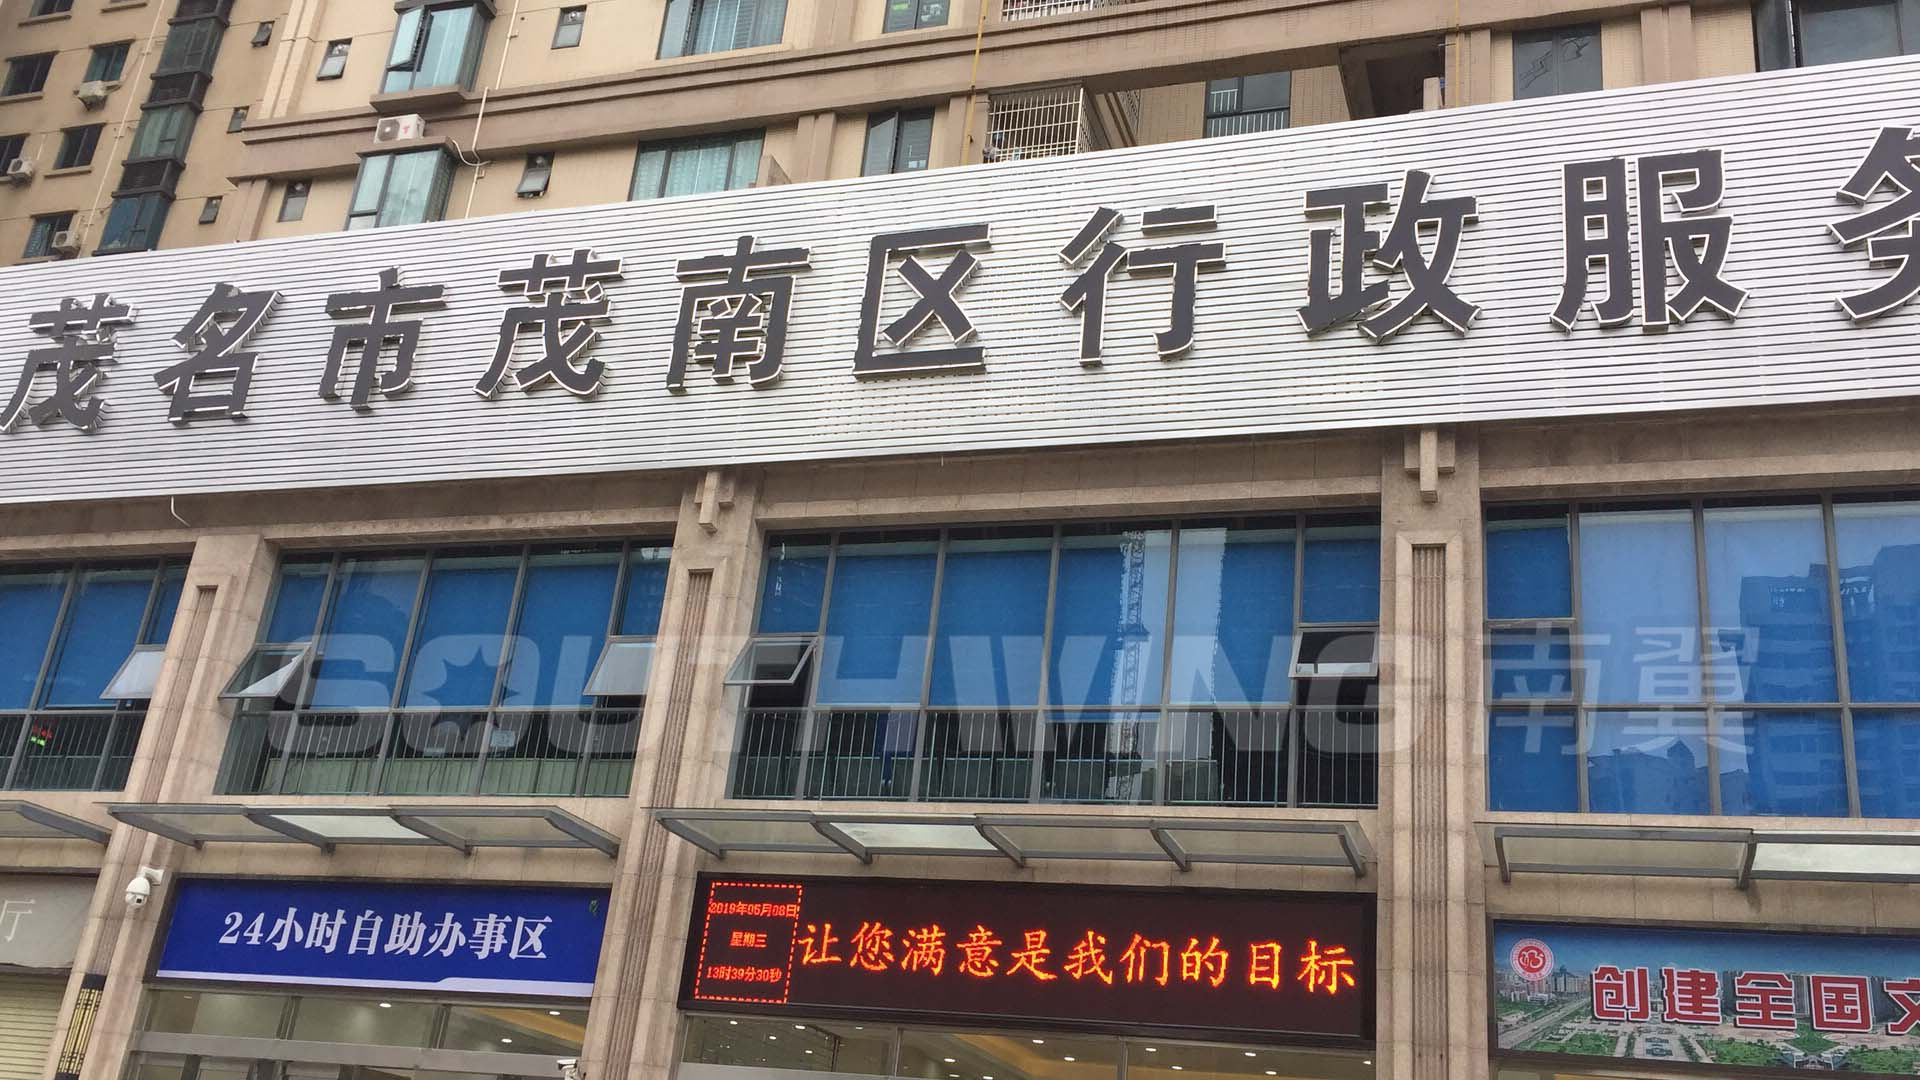 茂名市茂南区行政服务中心